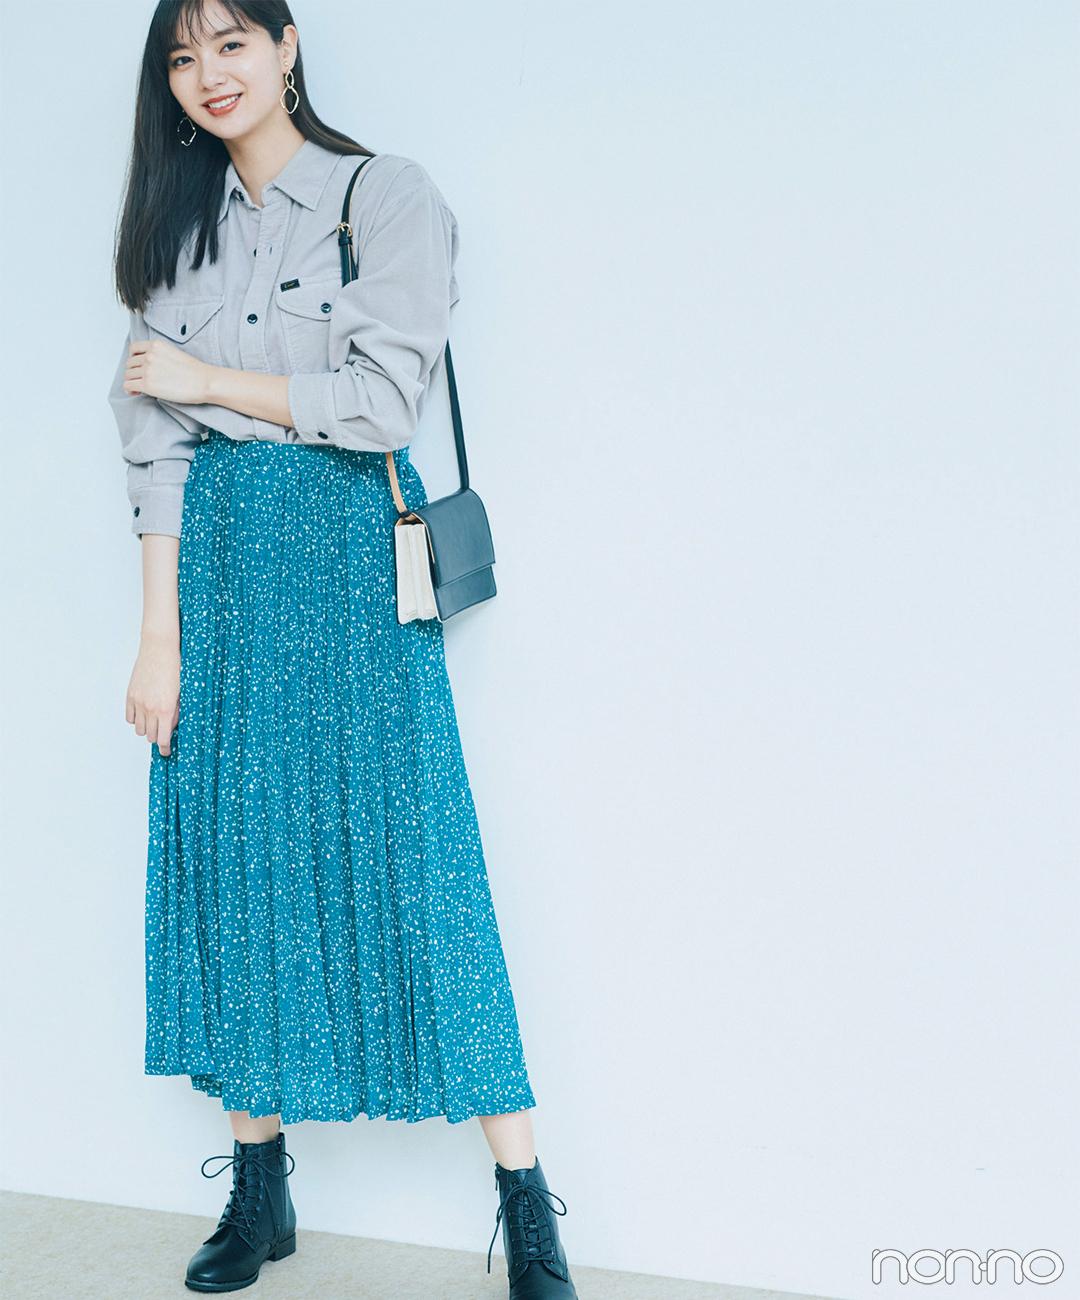 新川優愛はプリーツスカート+ブーツで甘辛ミックスコーデ【毎日コーデ】